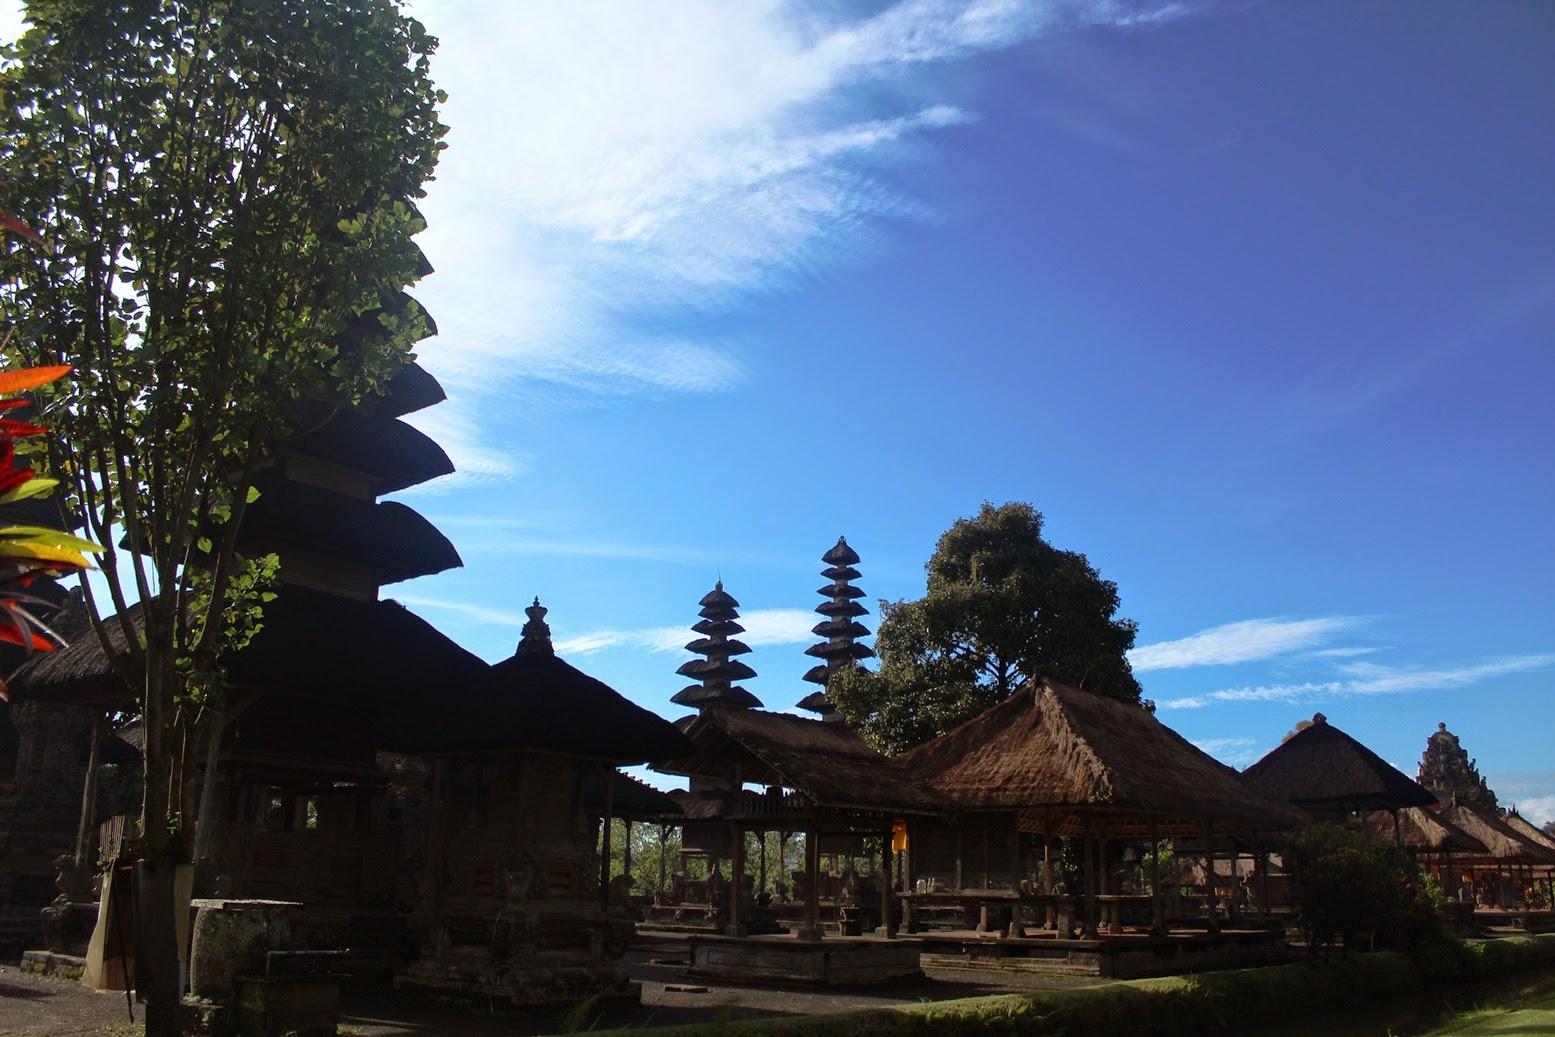 objek wisata Taman Ayun